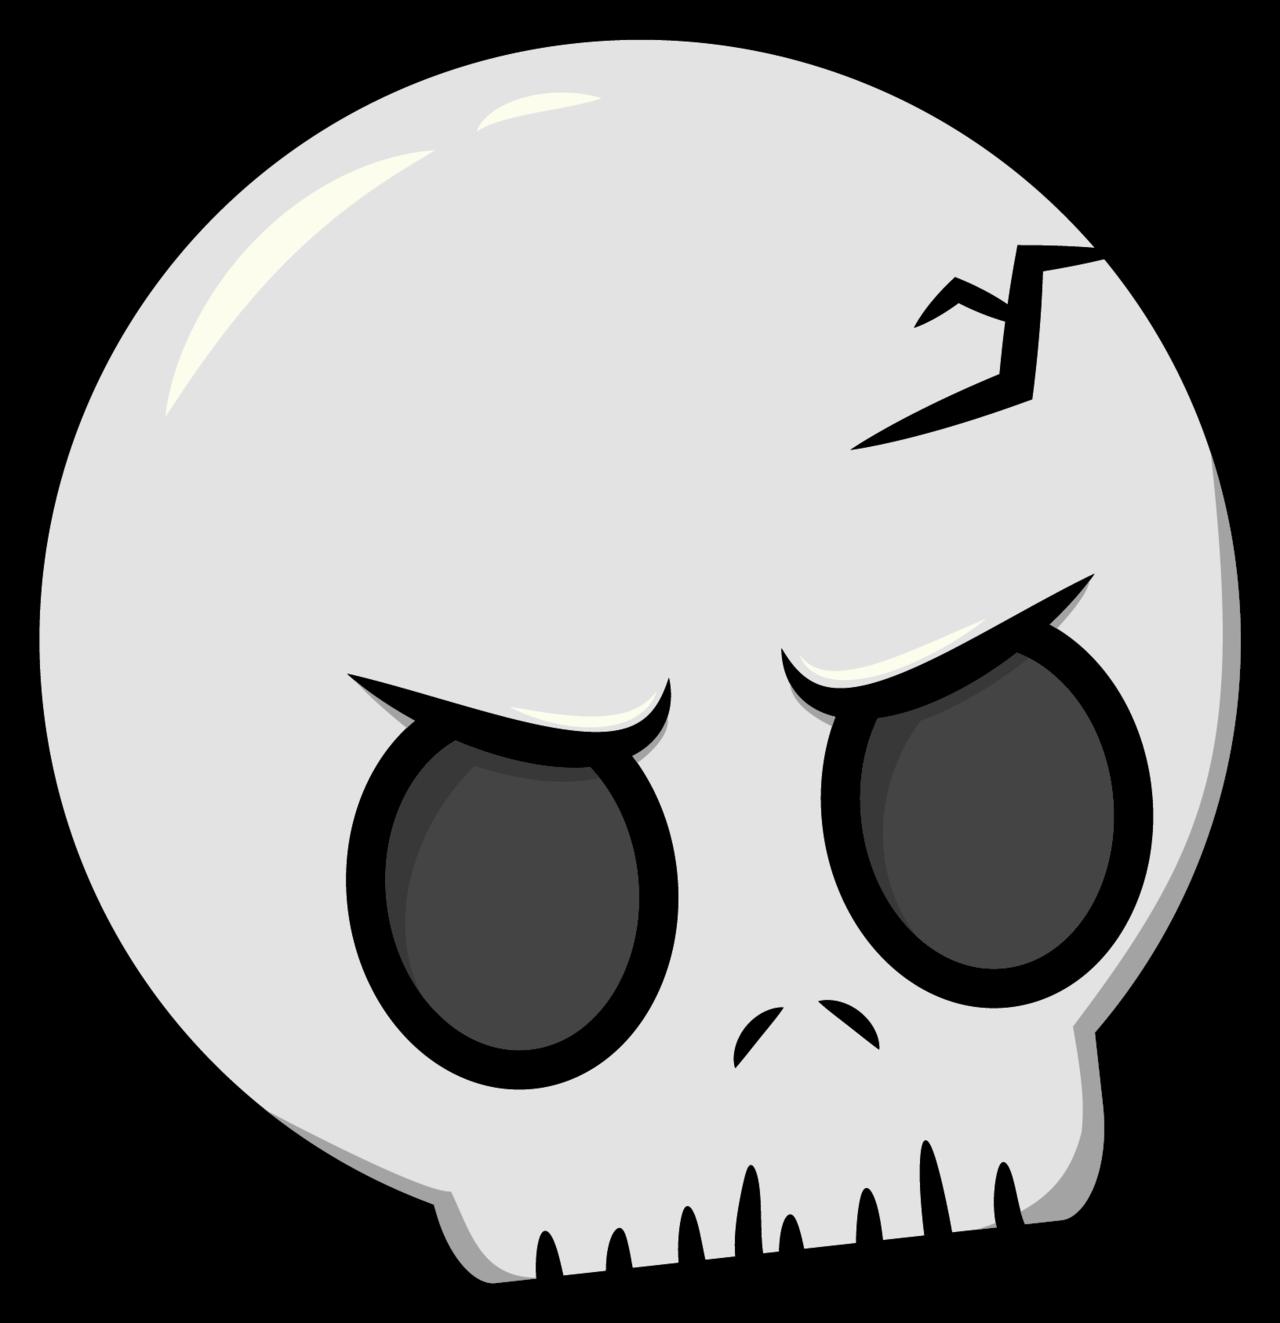 Skeleton clipart toon. Skull by robot panda